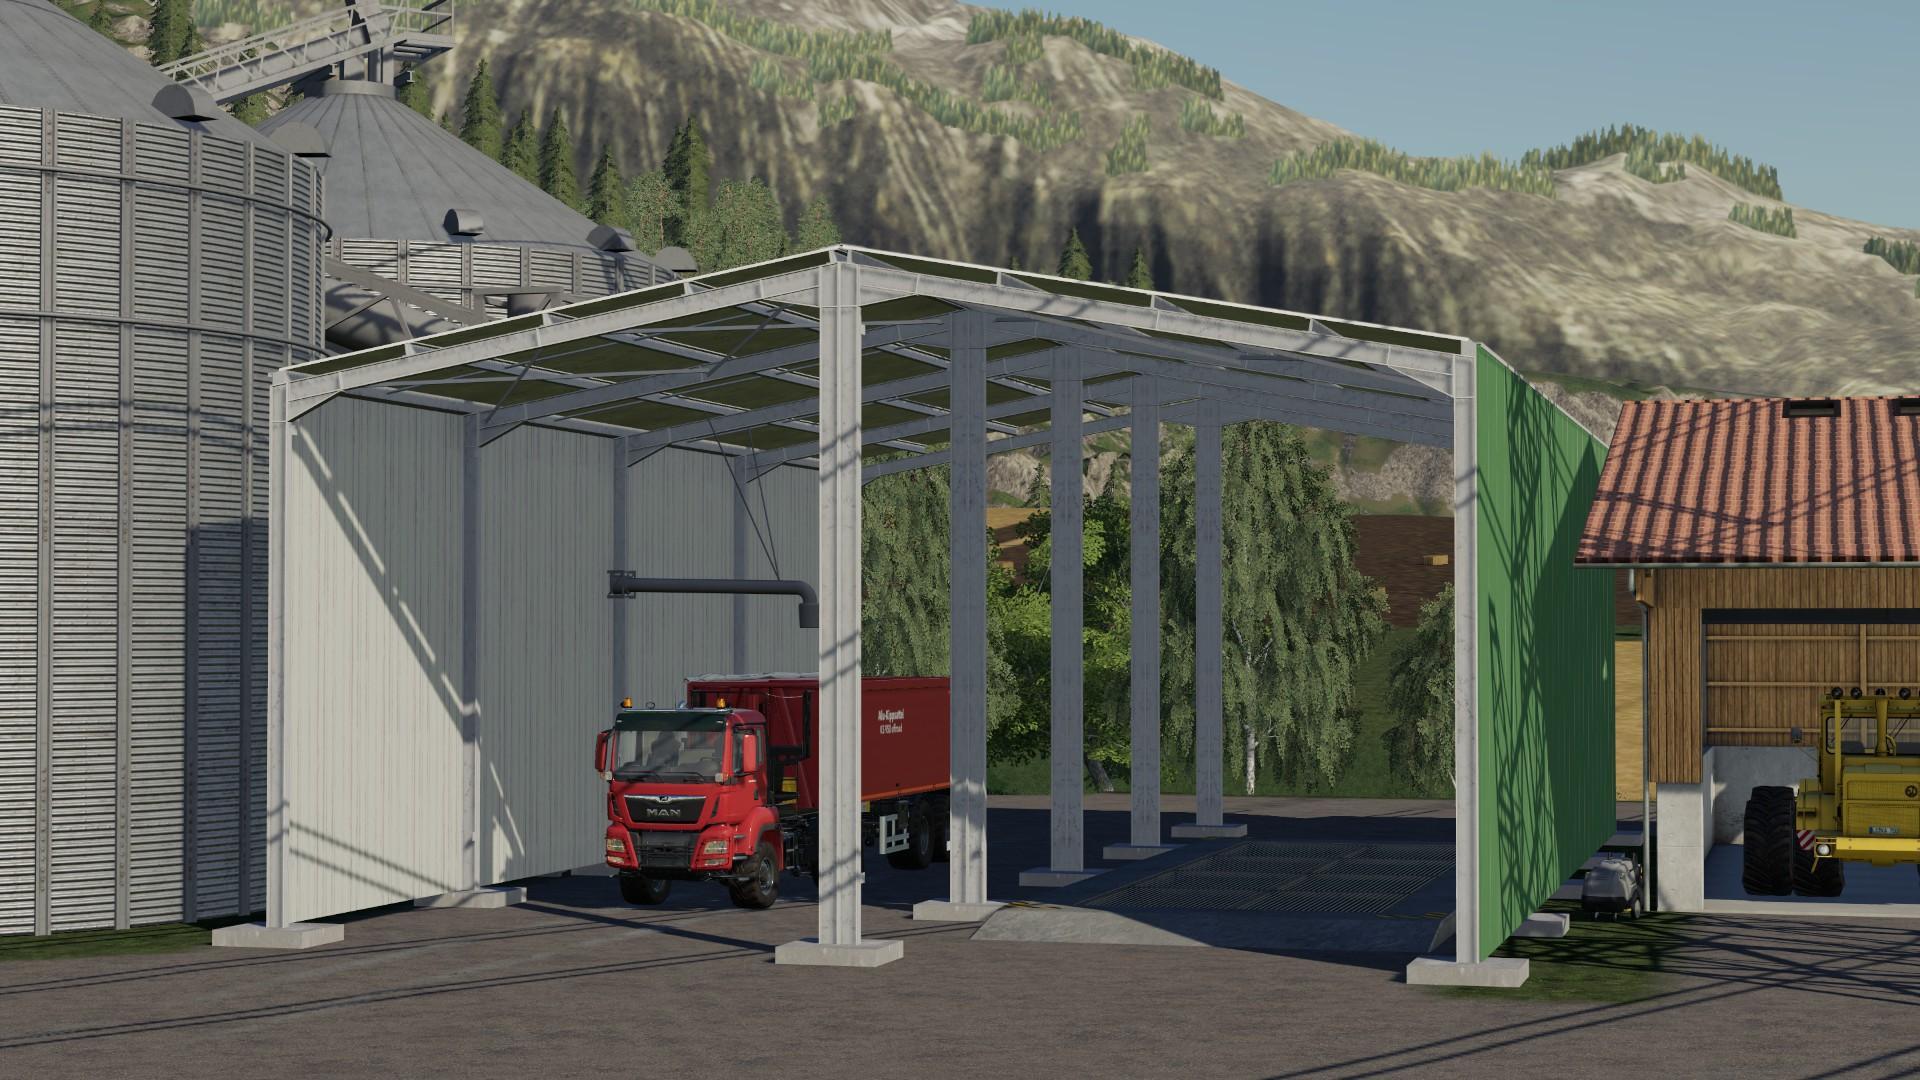 Large silo facility v 1.1